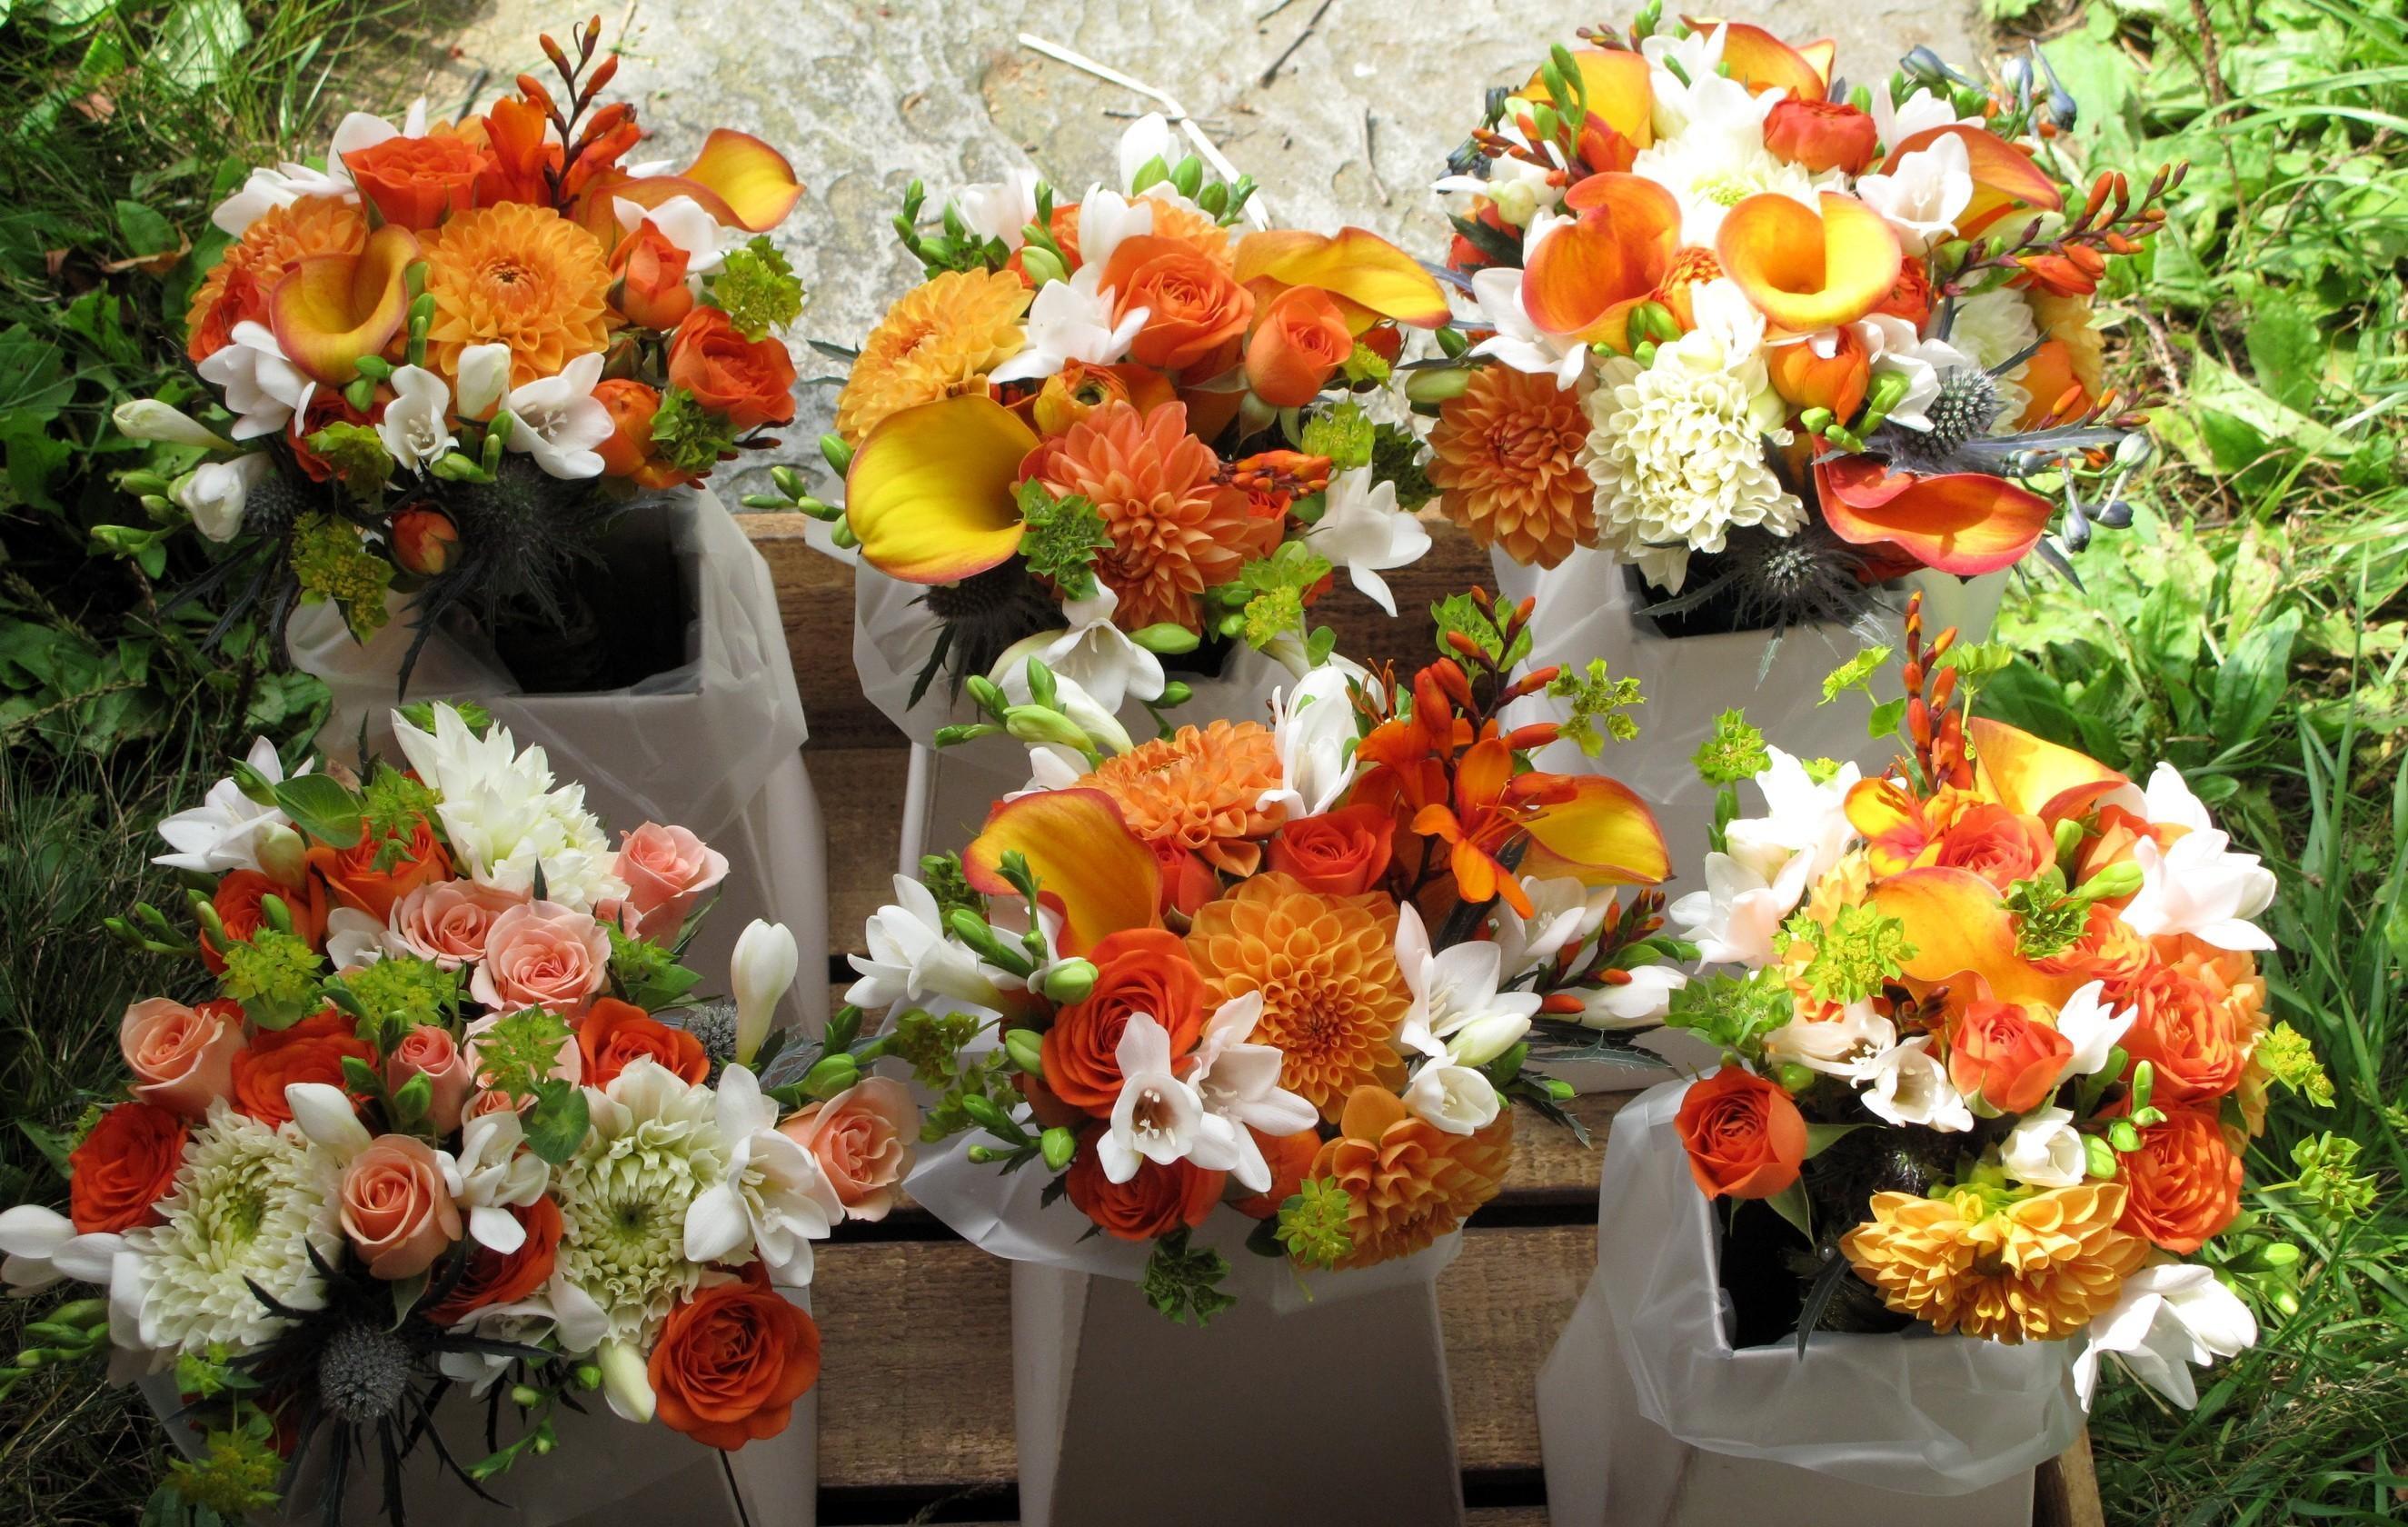 Téléchargez des papiers peints mobile Bouquets, Beaucoup, Parcelle, Dahlias, Freesia, Callas, Roses, Fleurs, Calla gratuitement.